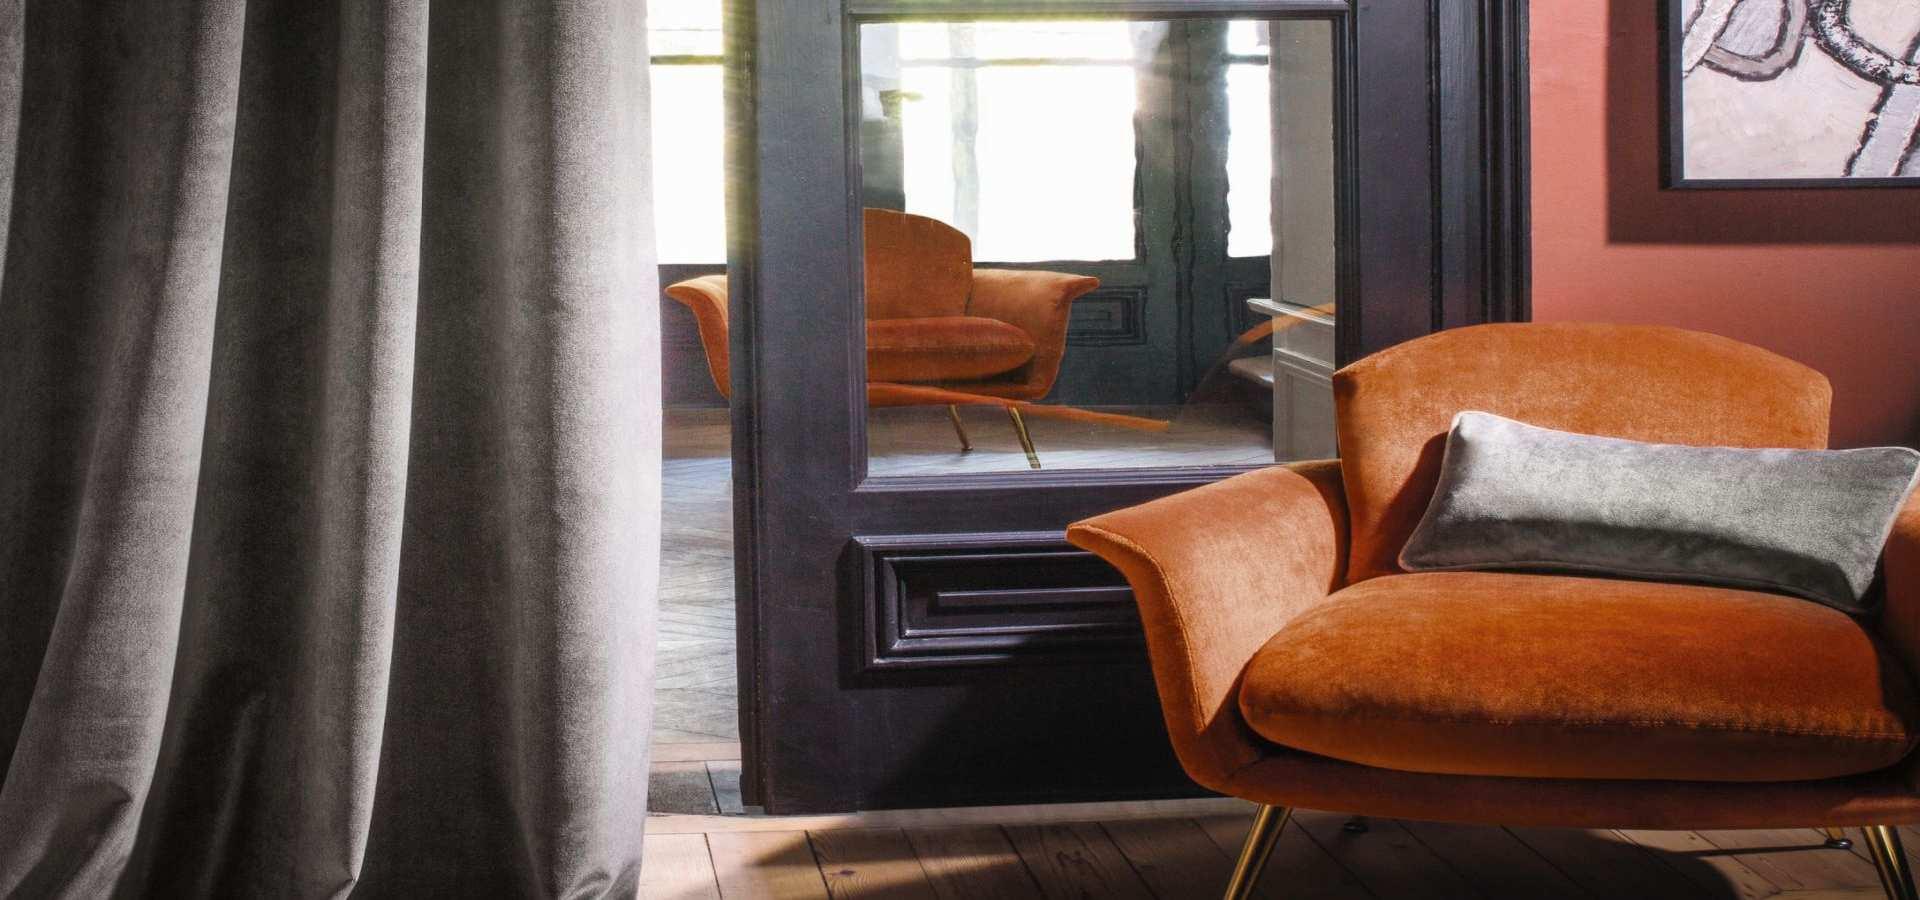 Bild Wohnzimmer Gardine und Sessel mit Samtstoffen Wohnzimmer Ga